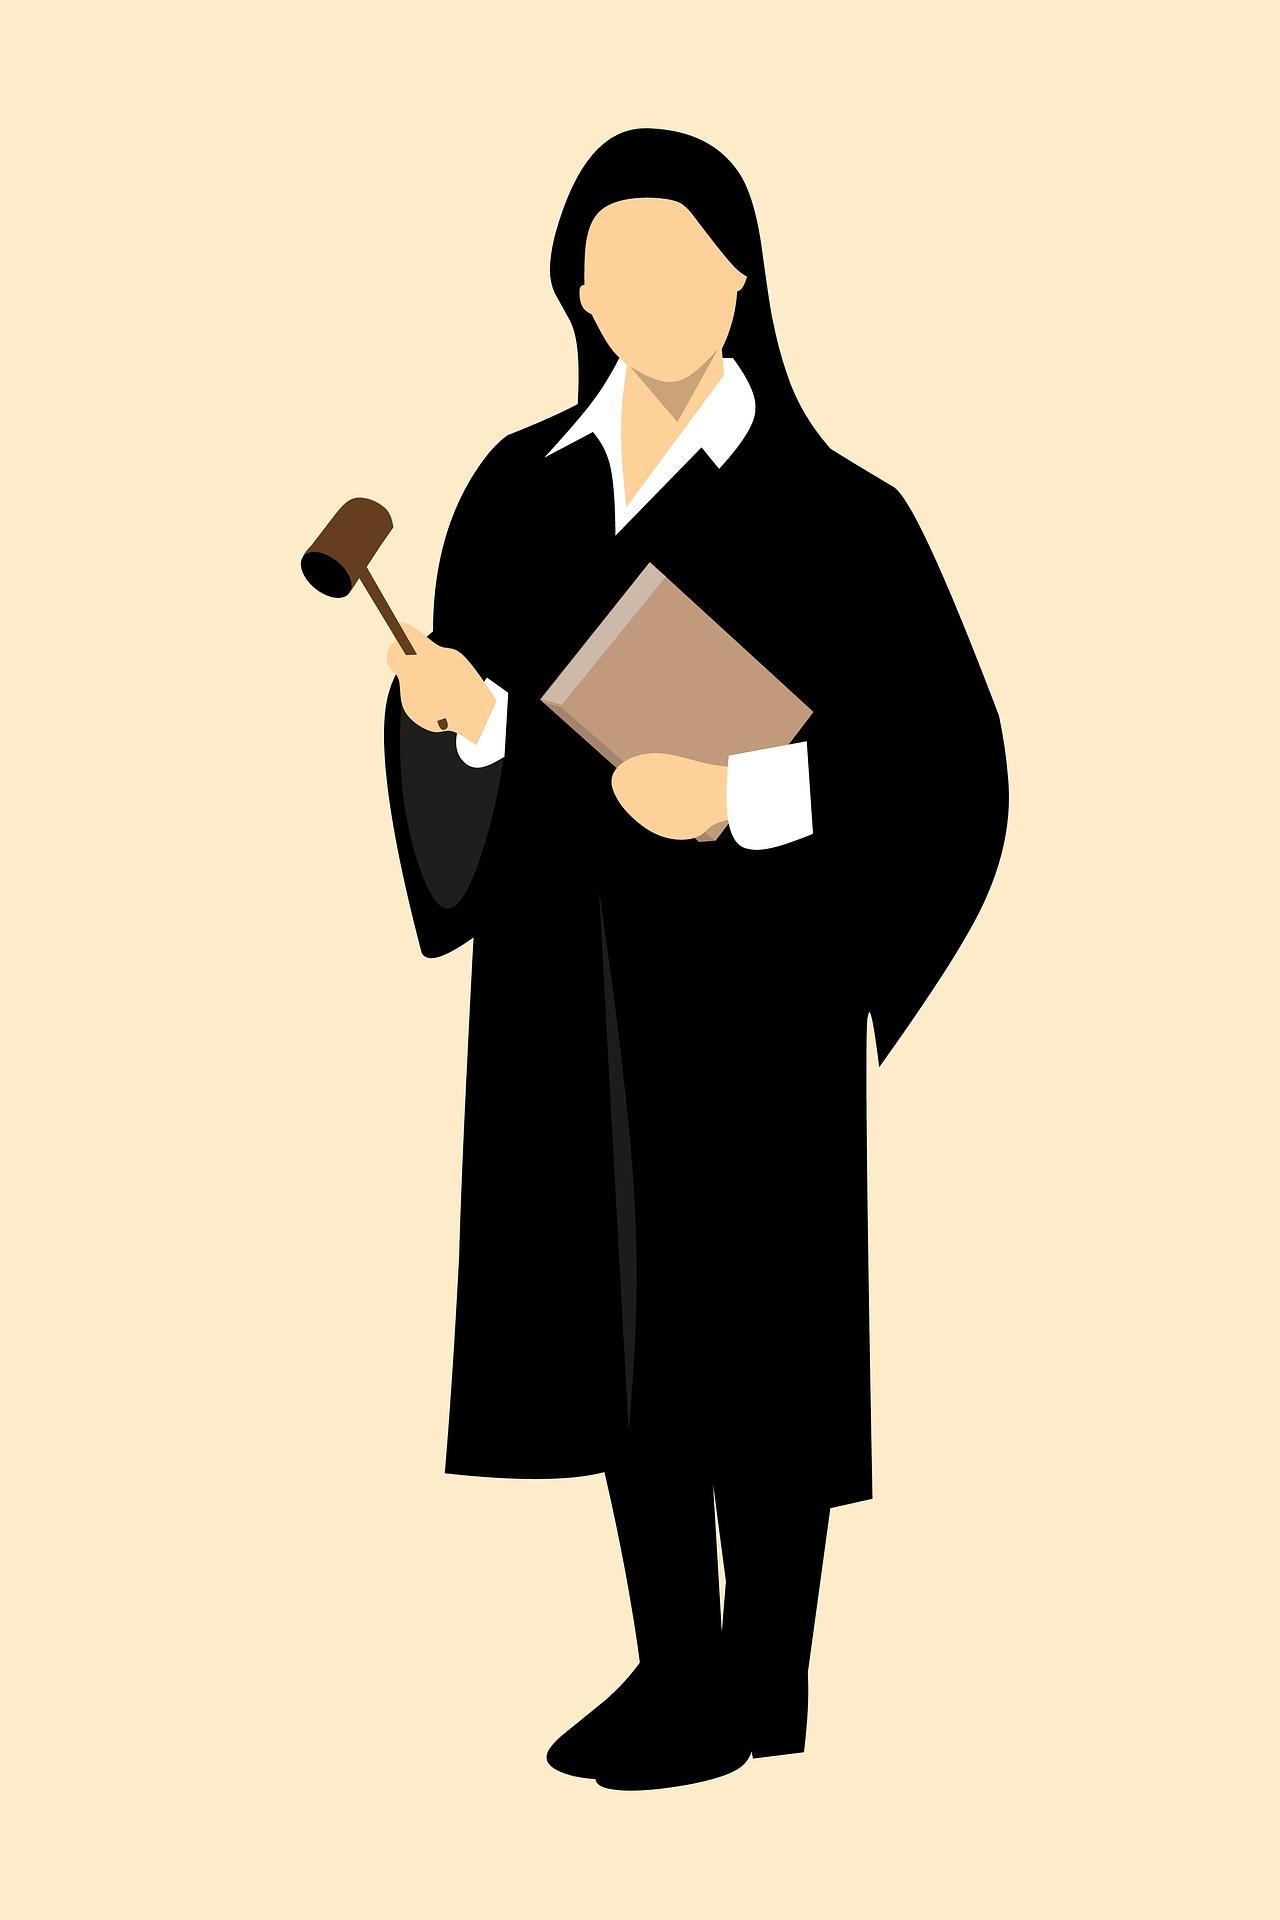 judge-3008038_1920